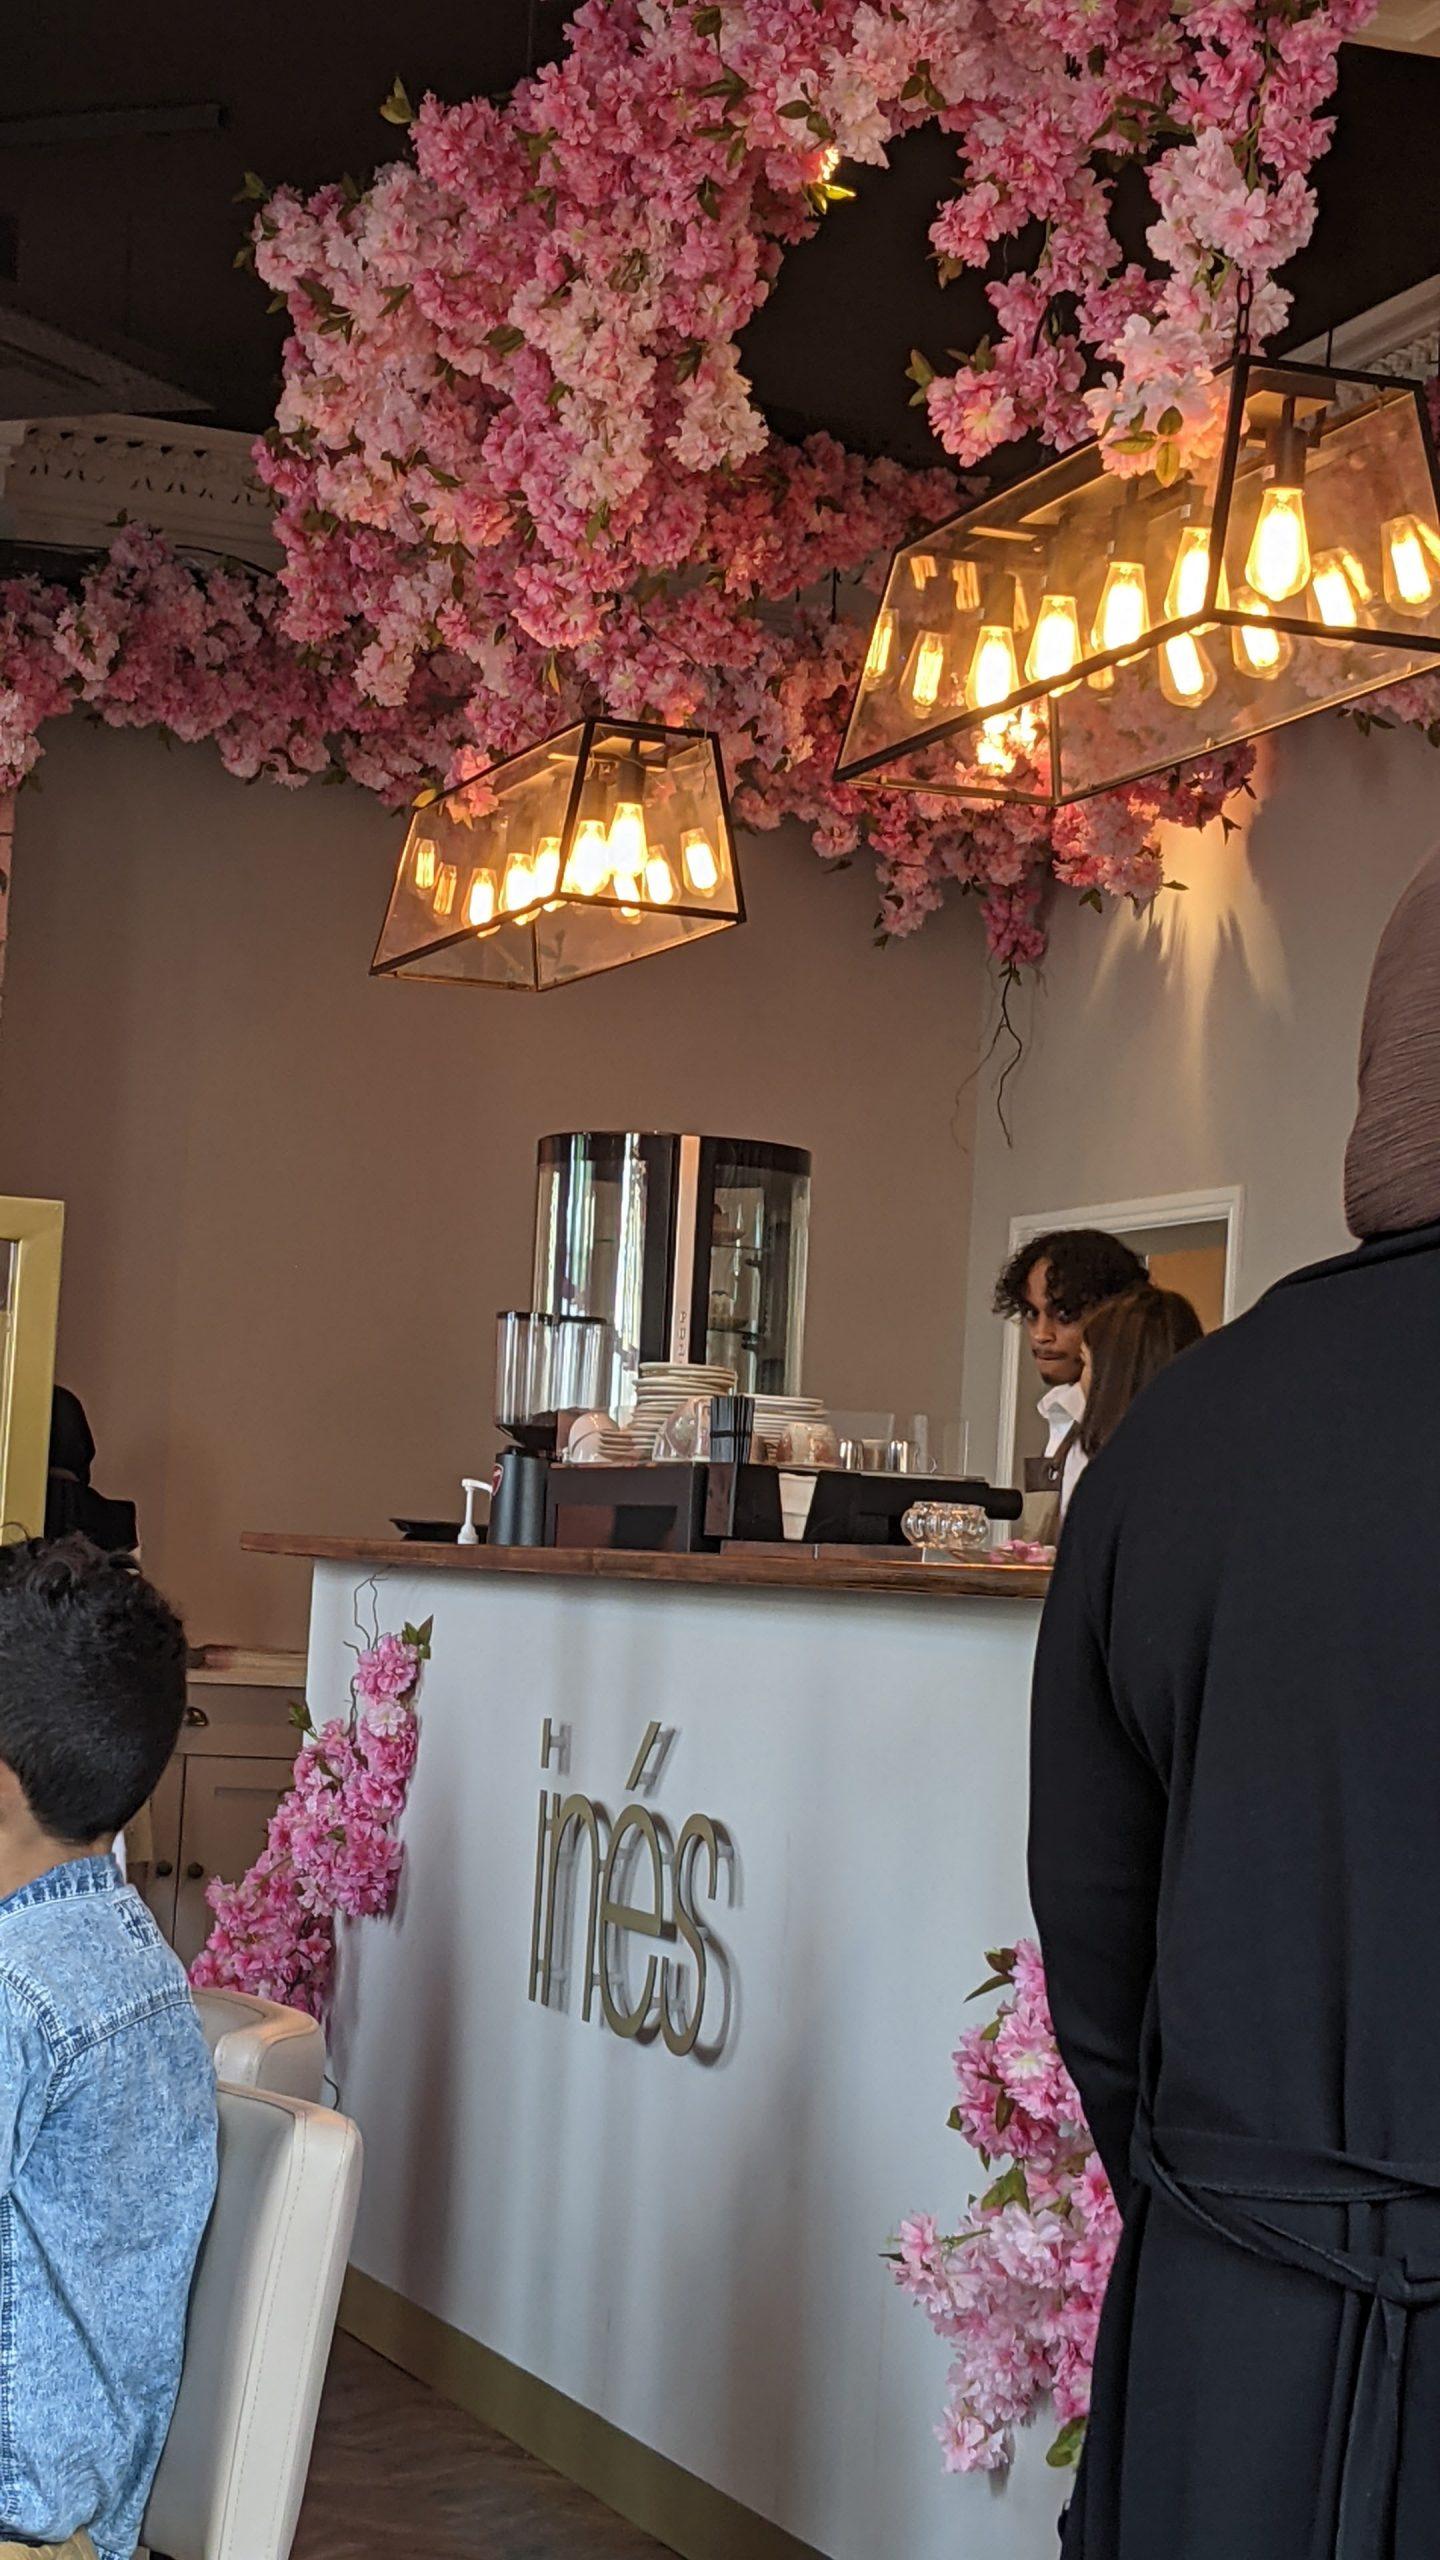 Ines- The New Instagrammable hotspot in Birmingham